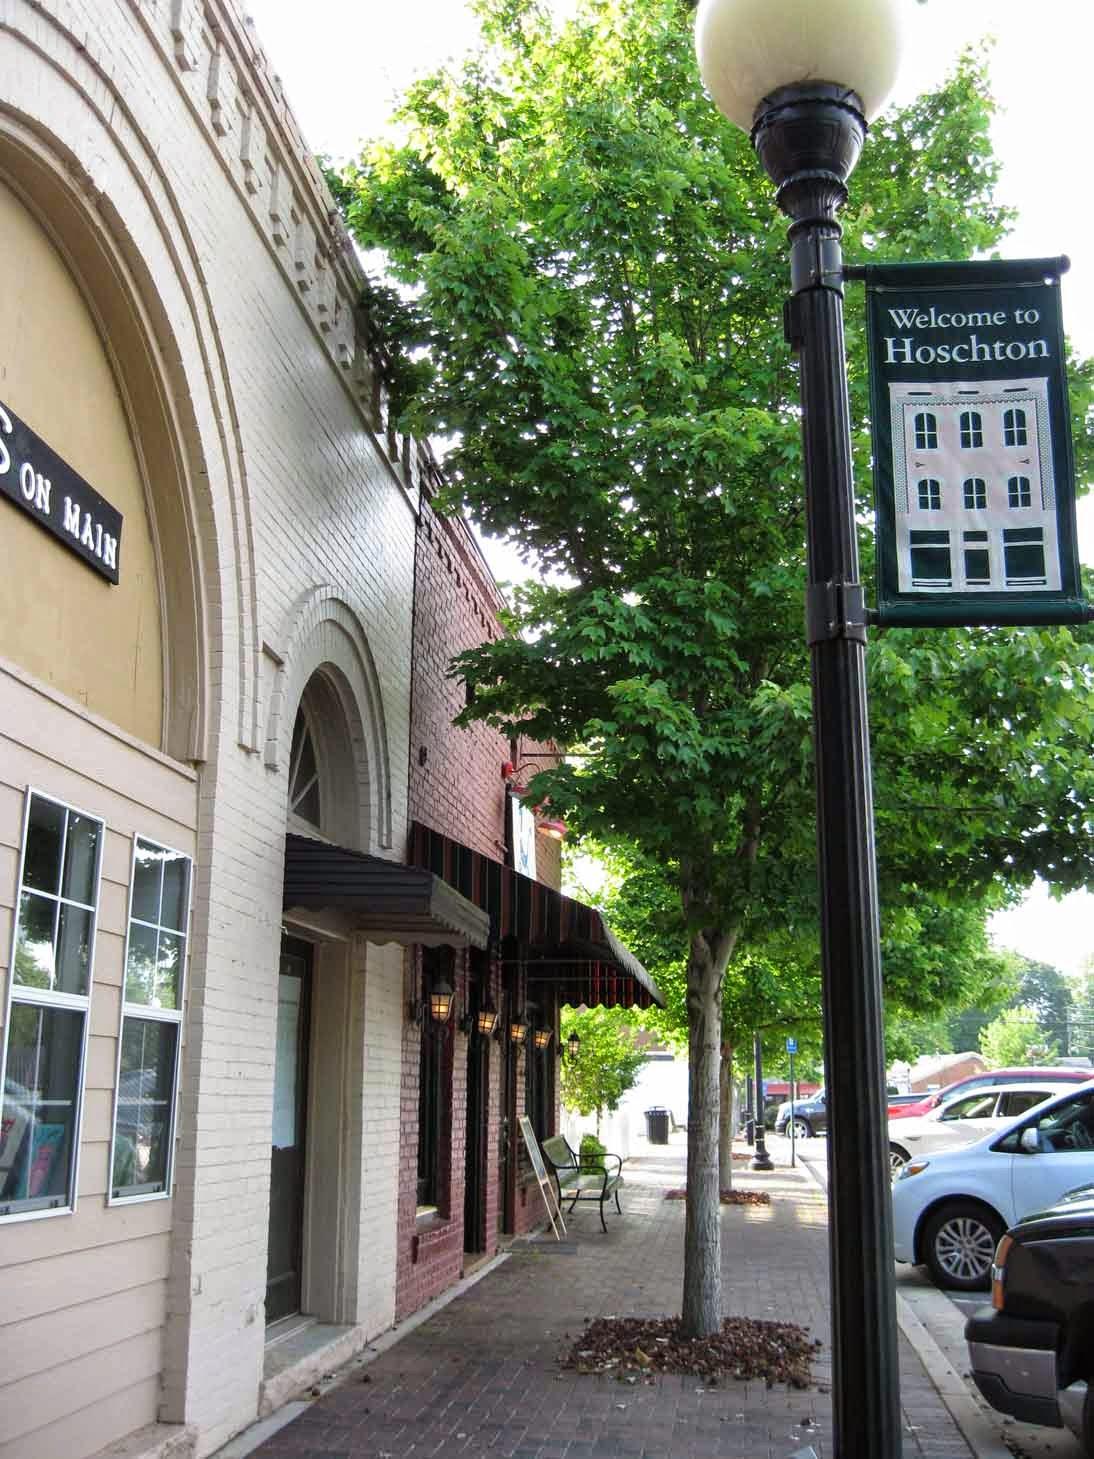 downtown Hoschton, GA